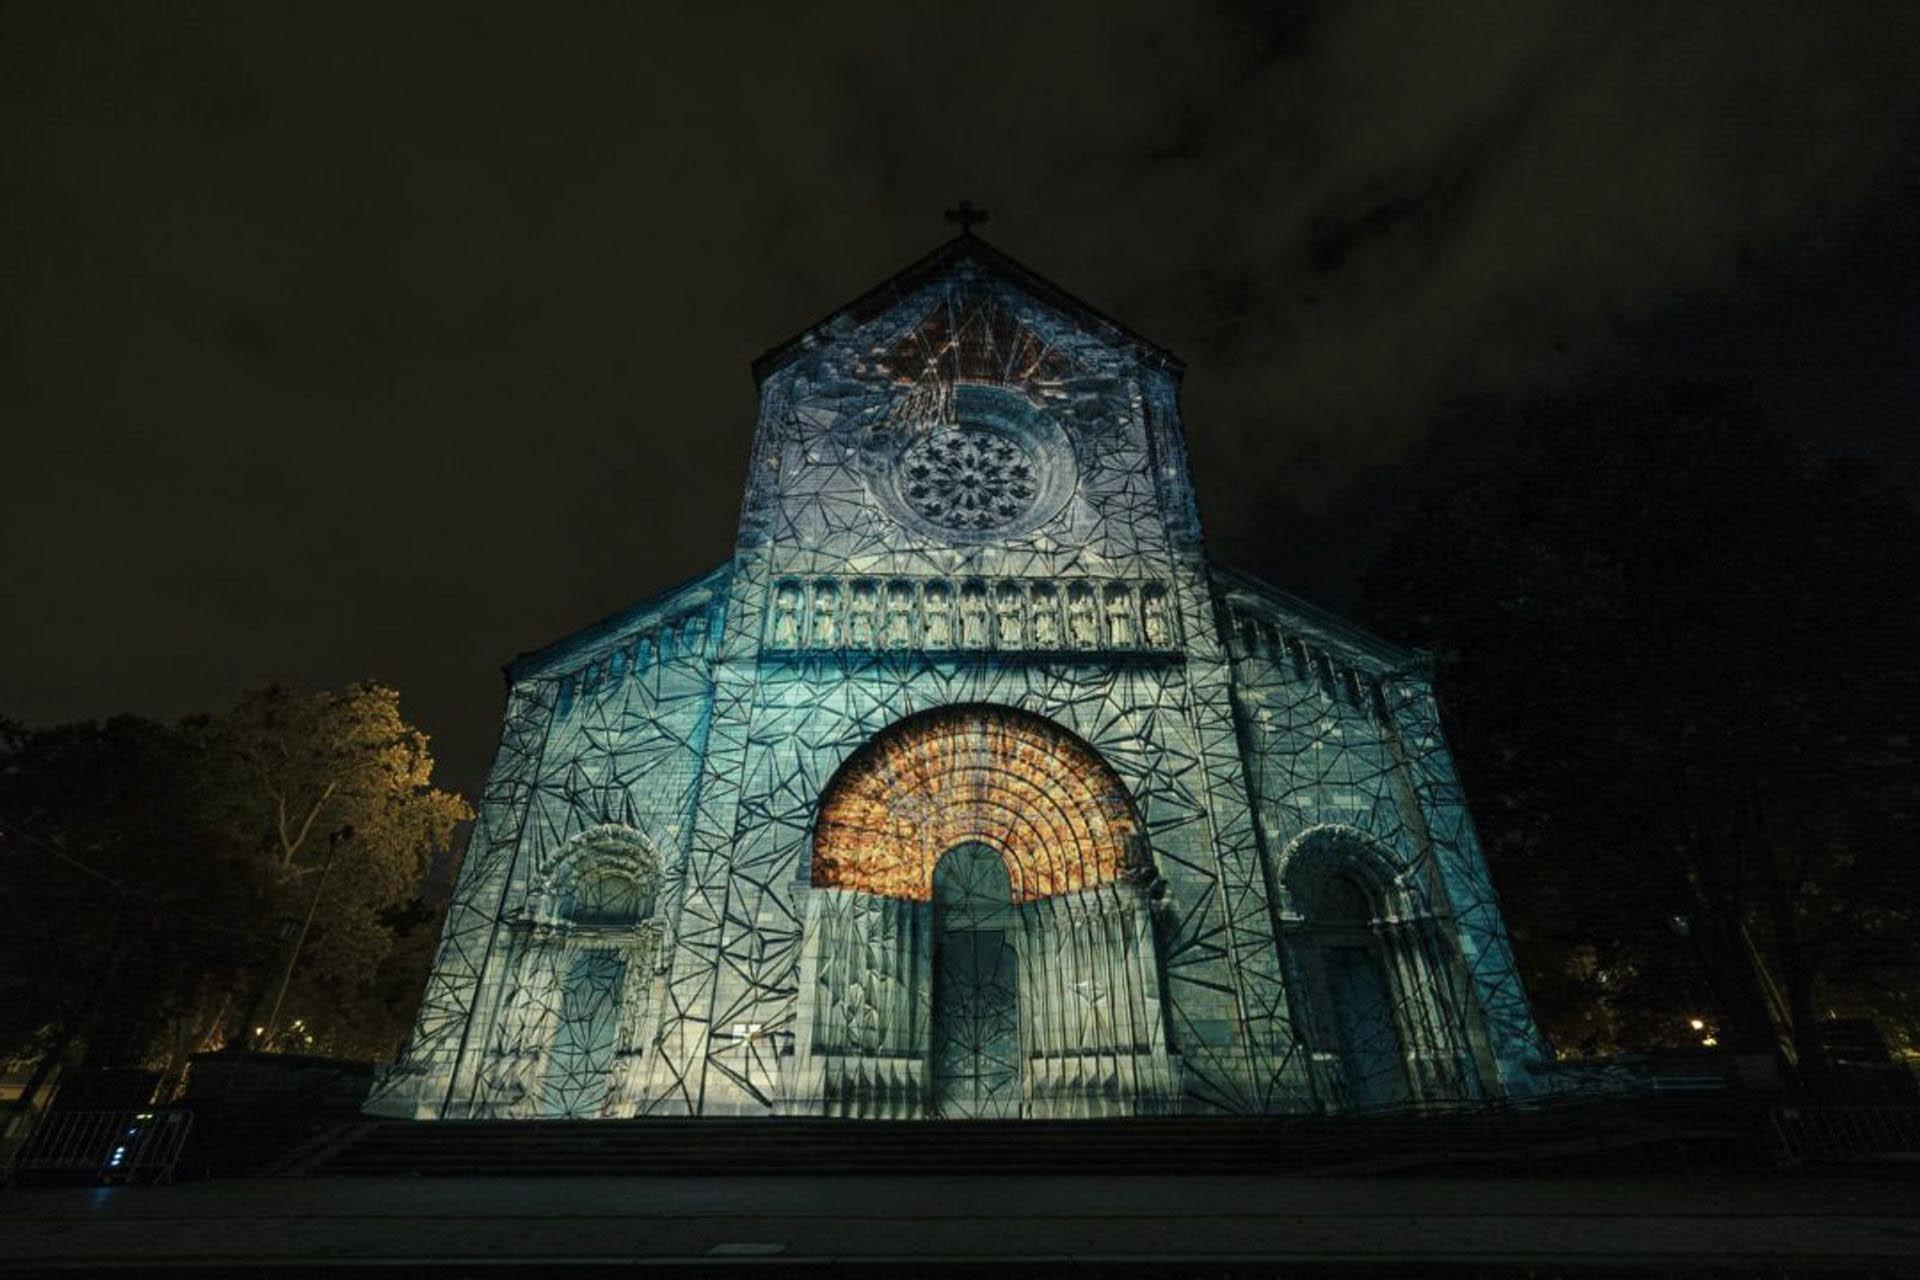 Jedna z největších kulturních akcí u nás chystá velkolepý návrat. Devátý ročník Signal Festivalu oživí ulice Starého Města, Holešovic a Karlína a představí 15 uměleckých instalací.